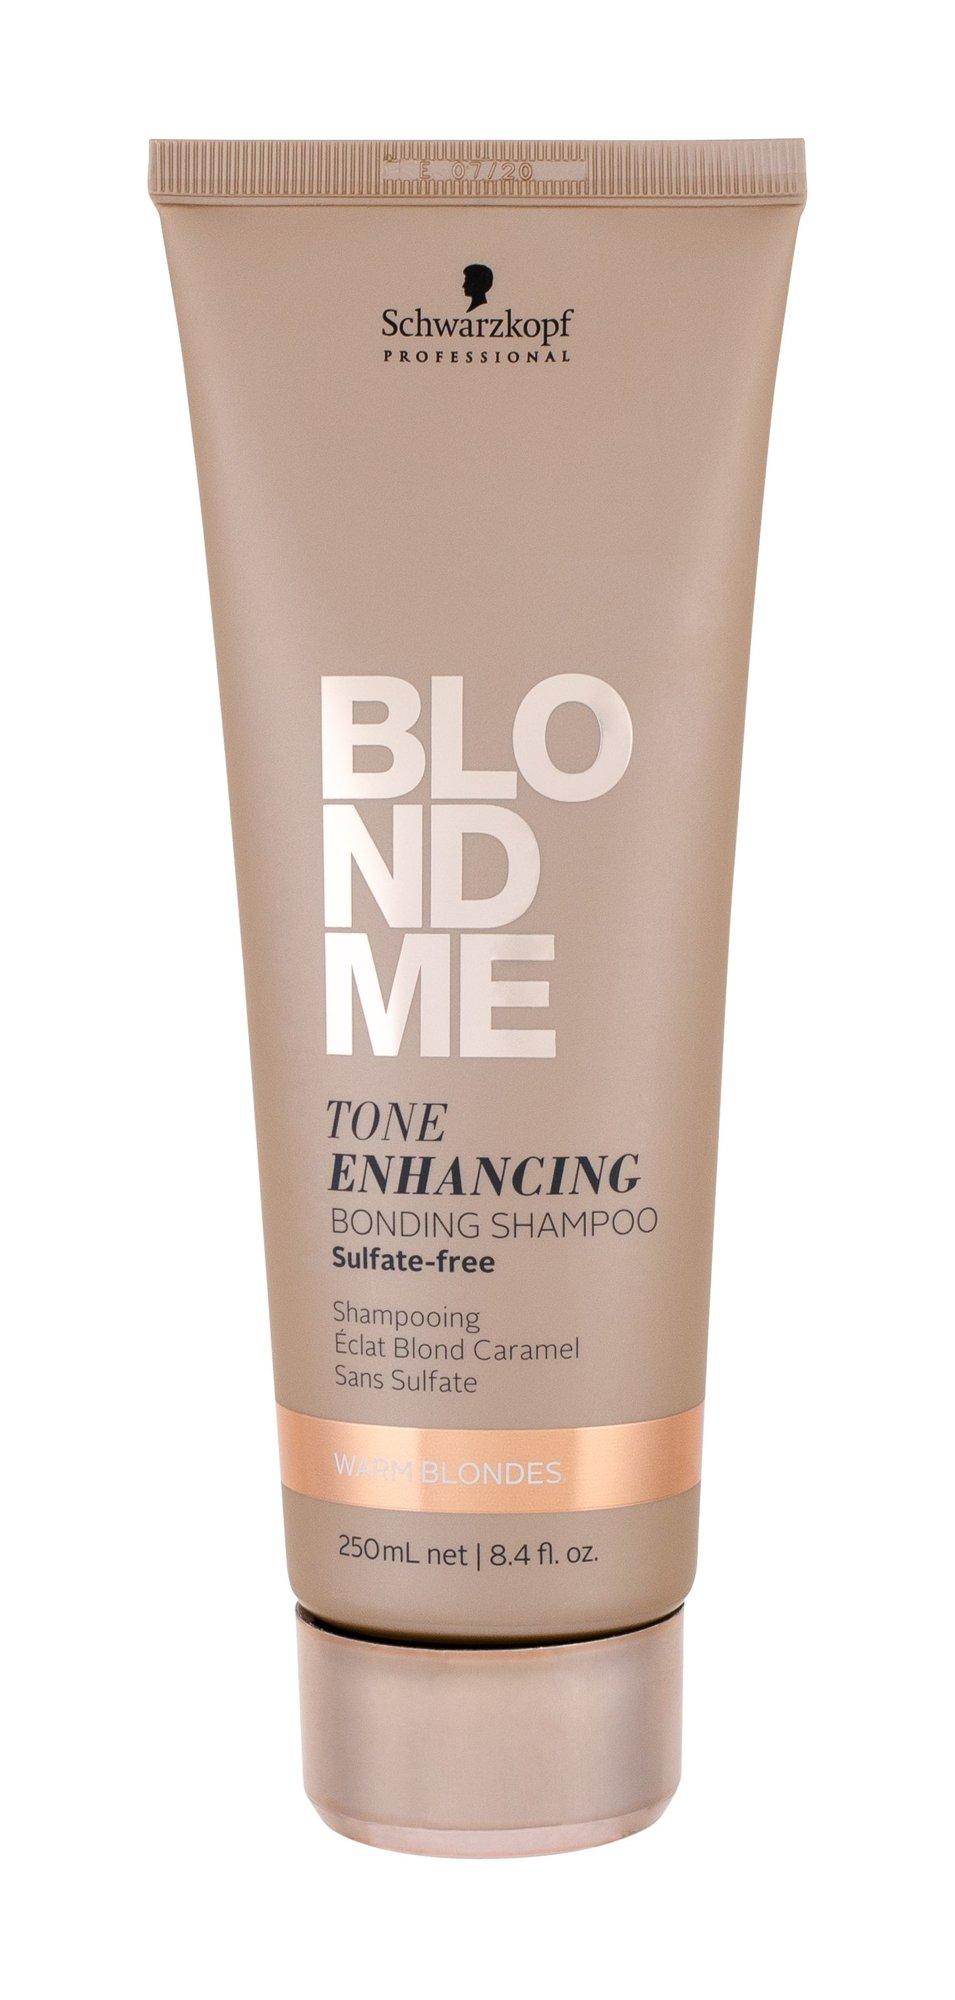 Schwarzkopf Blond Me Shampoo 250ml Warm Blondes